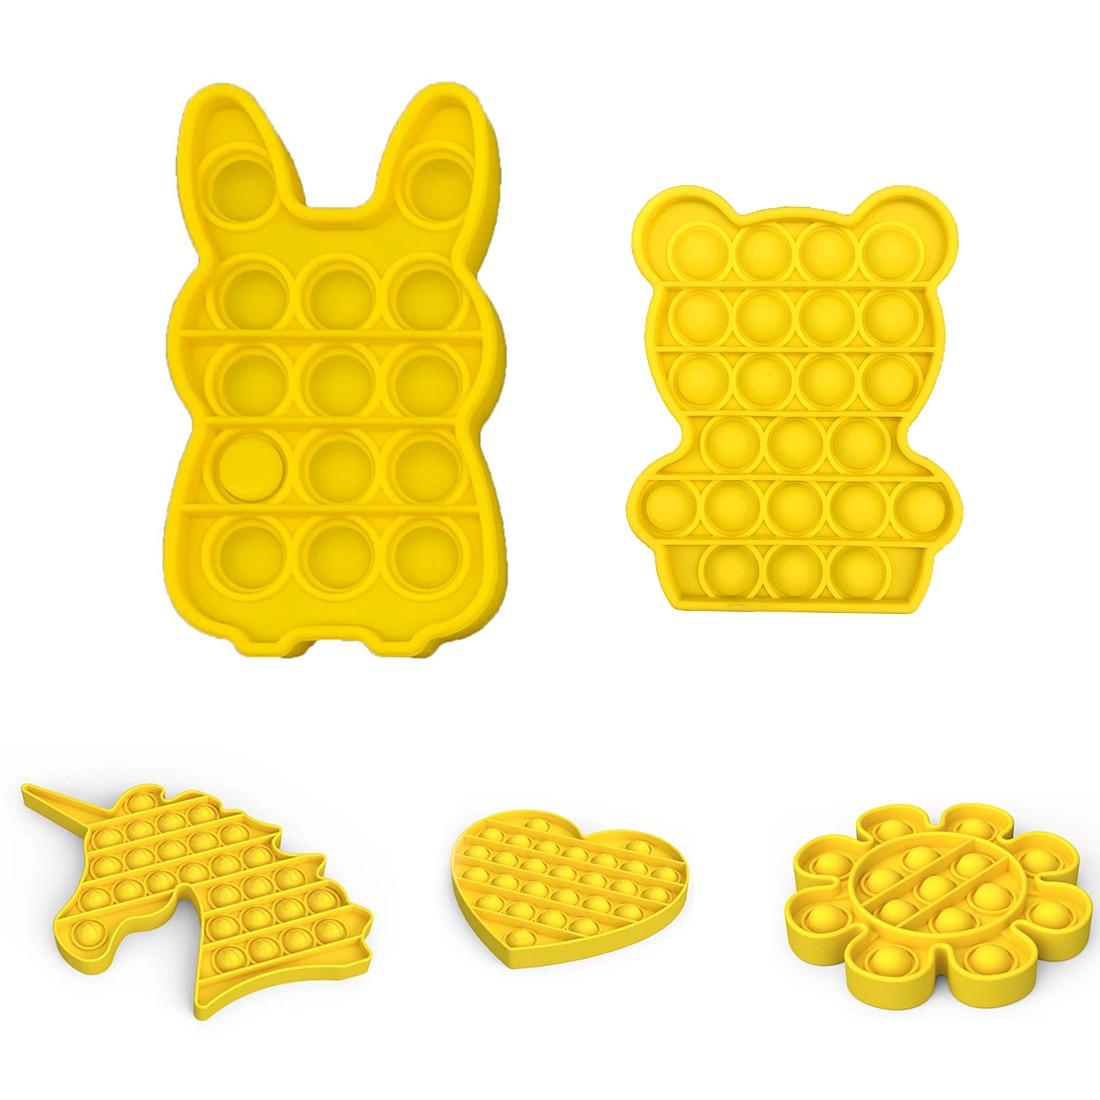 Fidget-Toys Autism Toy Pop-It-Stress Funny Push-Bubble Relief Sensory Adult Children img3